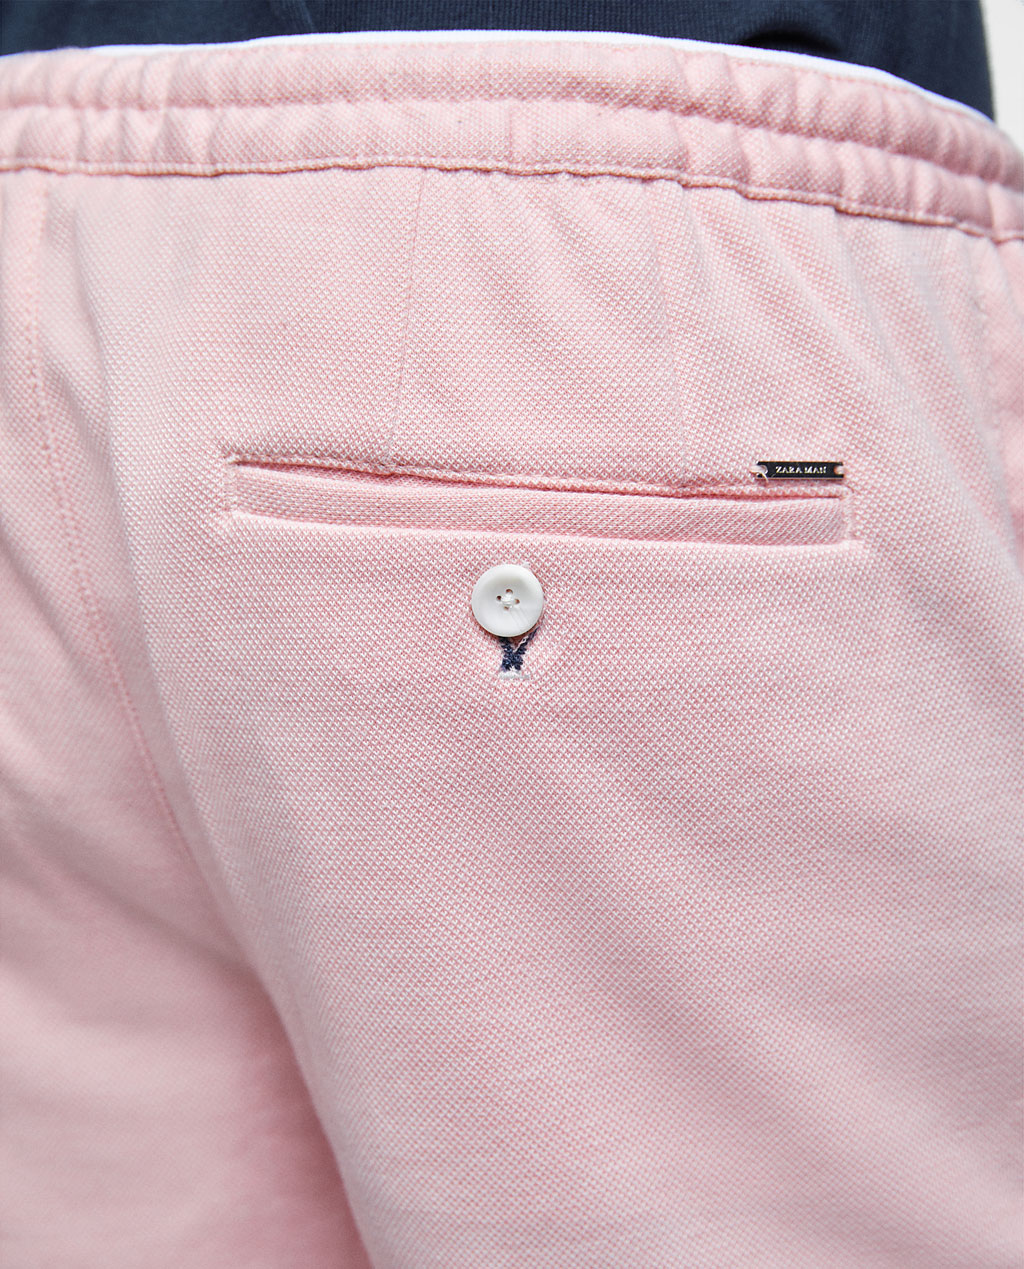 Thời trang nam Zara  24032 - ảnh 7